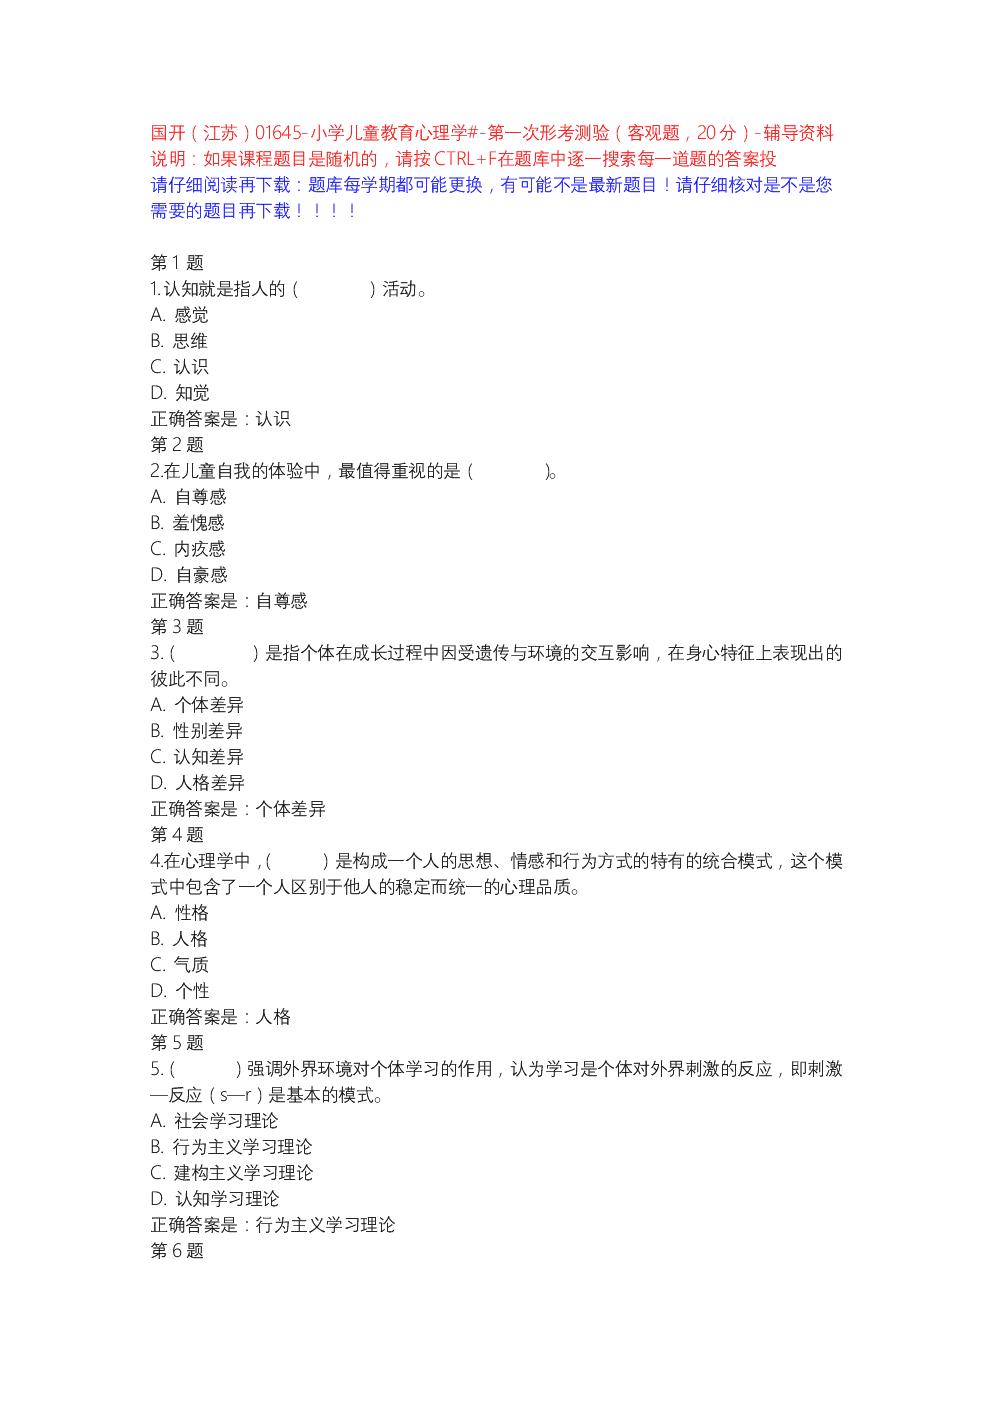 国开(江苏)01645-小学儿童教育心理学#-第一次形考测验(客观题,20分)-辅导资料.docx